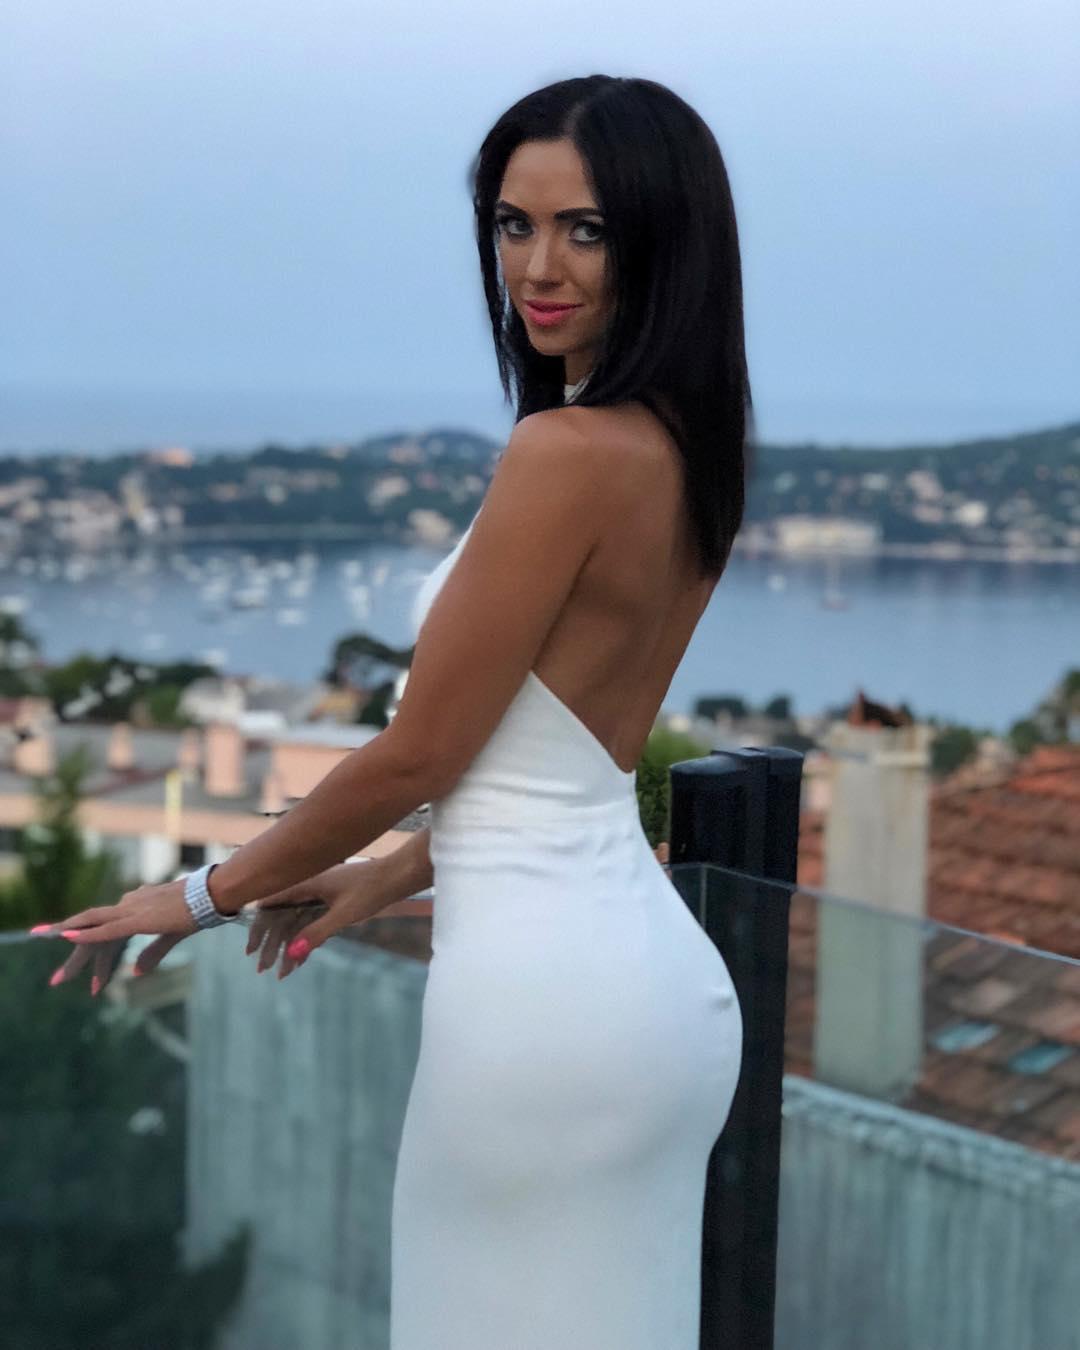 Виктория Смеюха показала фигуру в обтягивающем платье